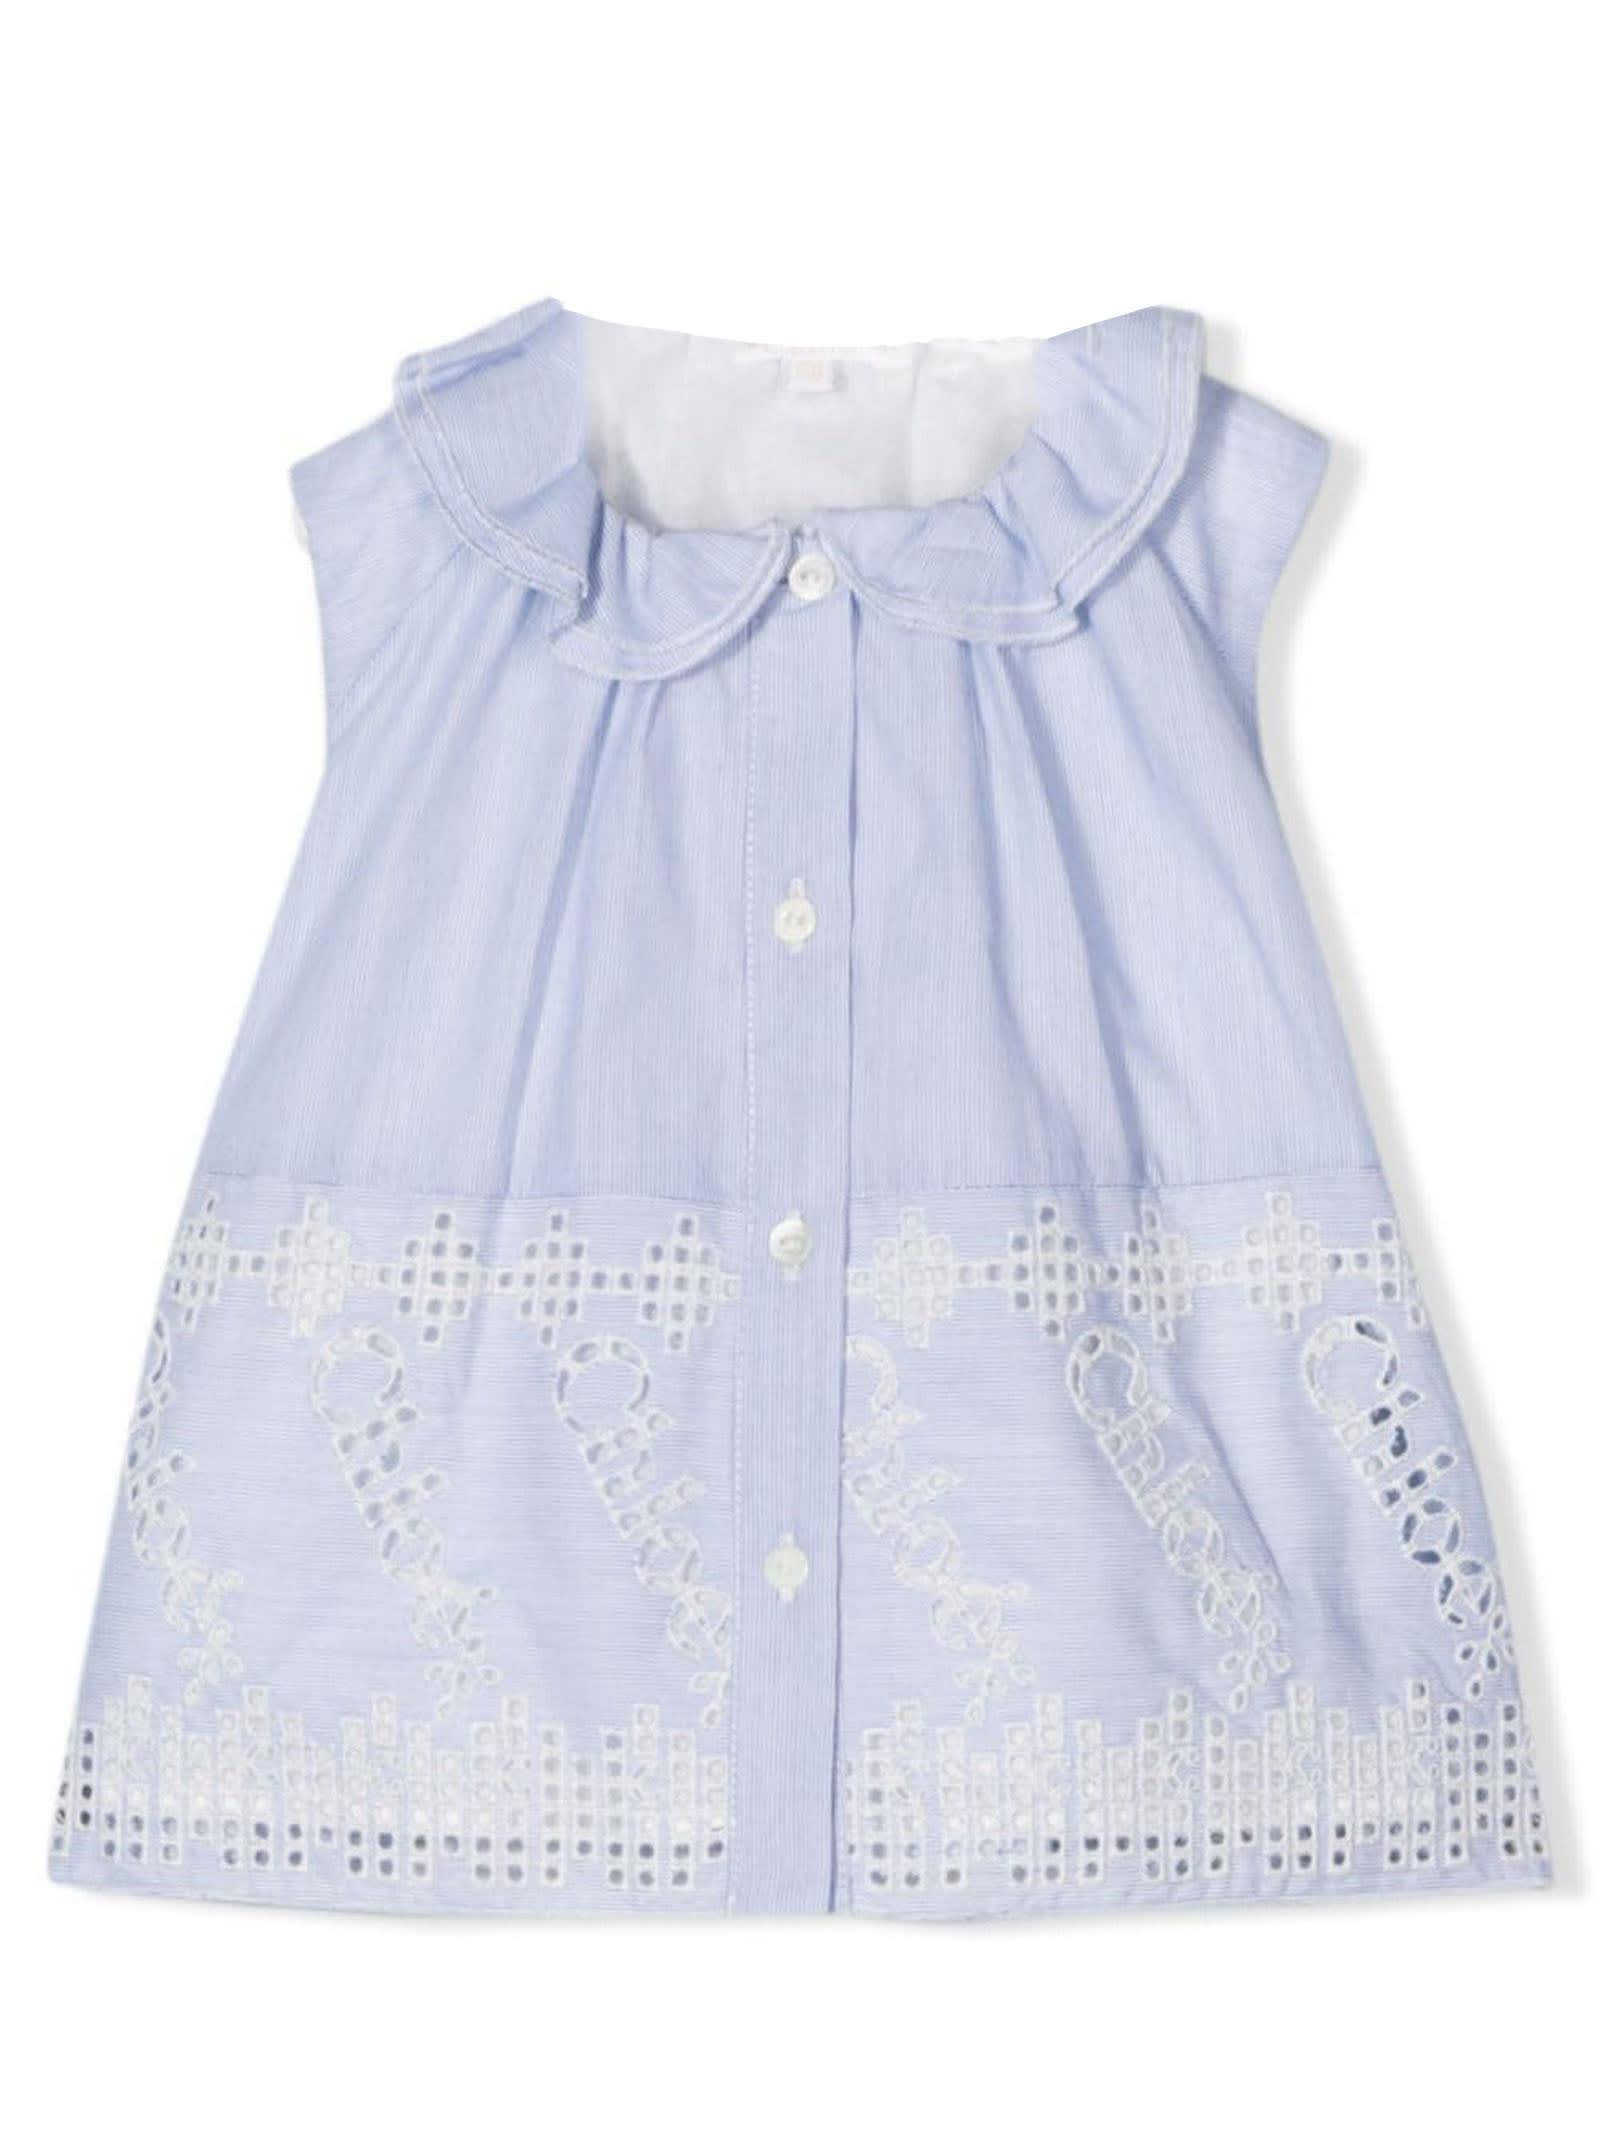 Chloé Babies' Blue Cotton Blouse In Celeste